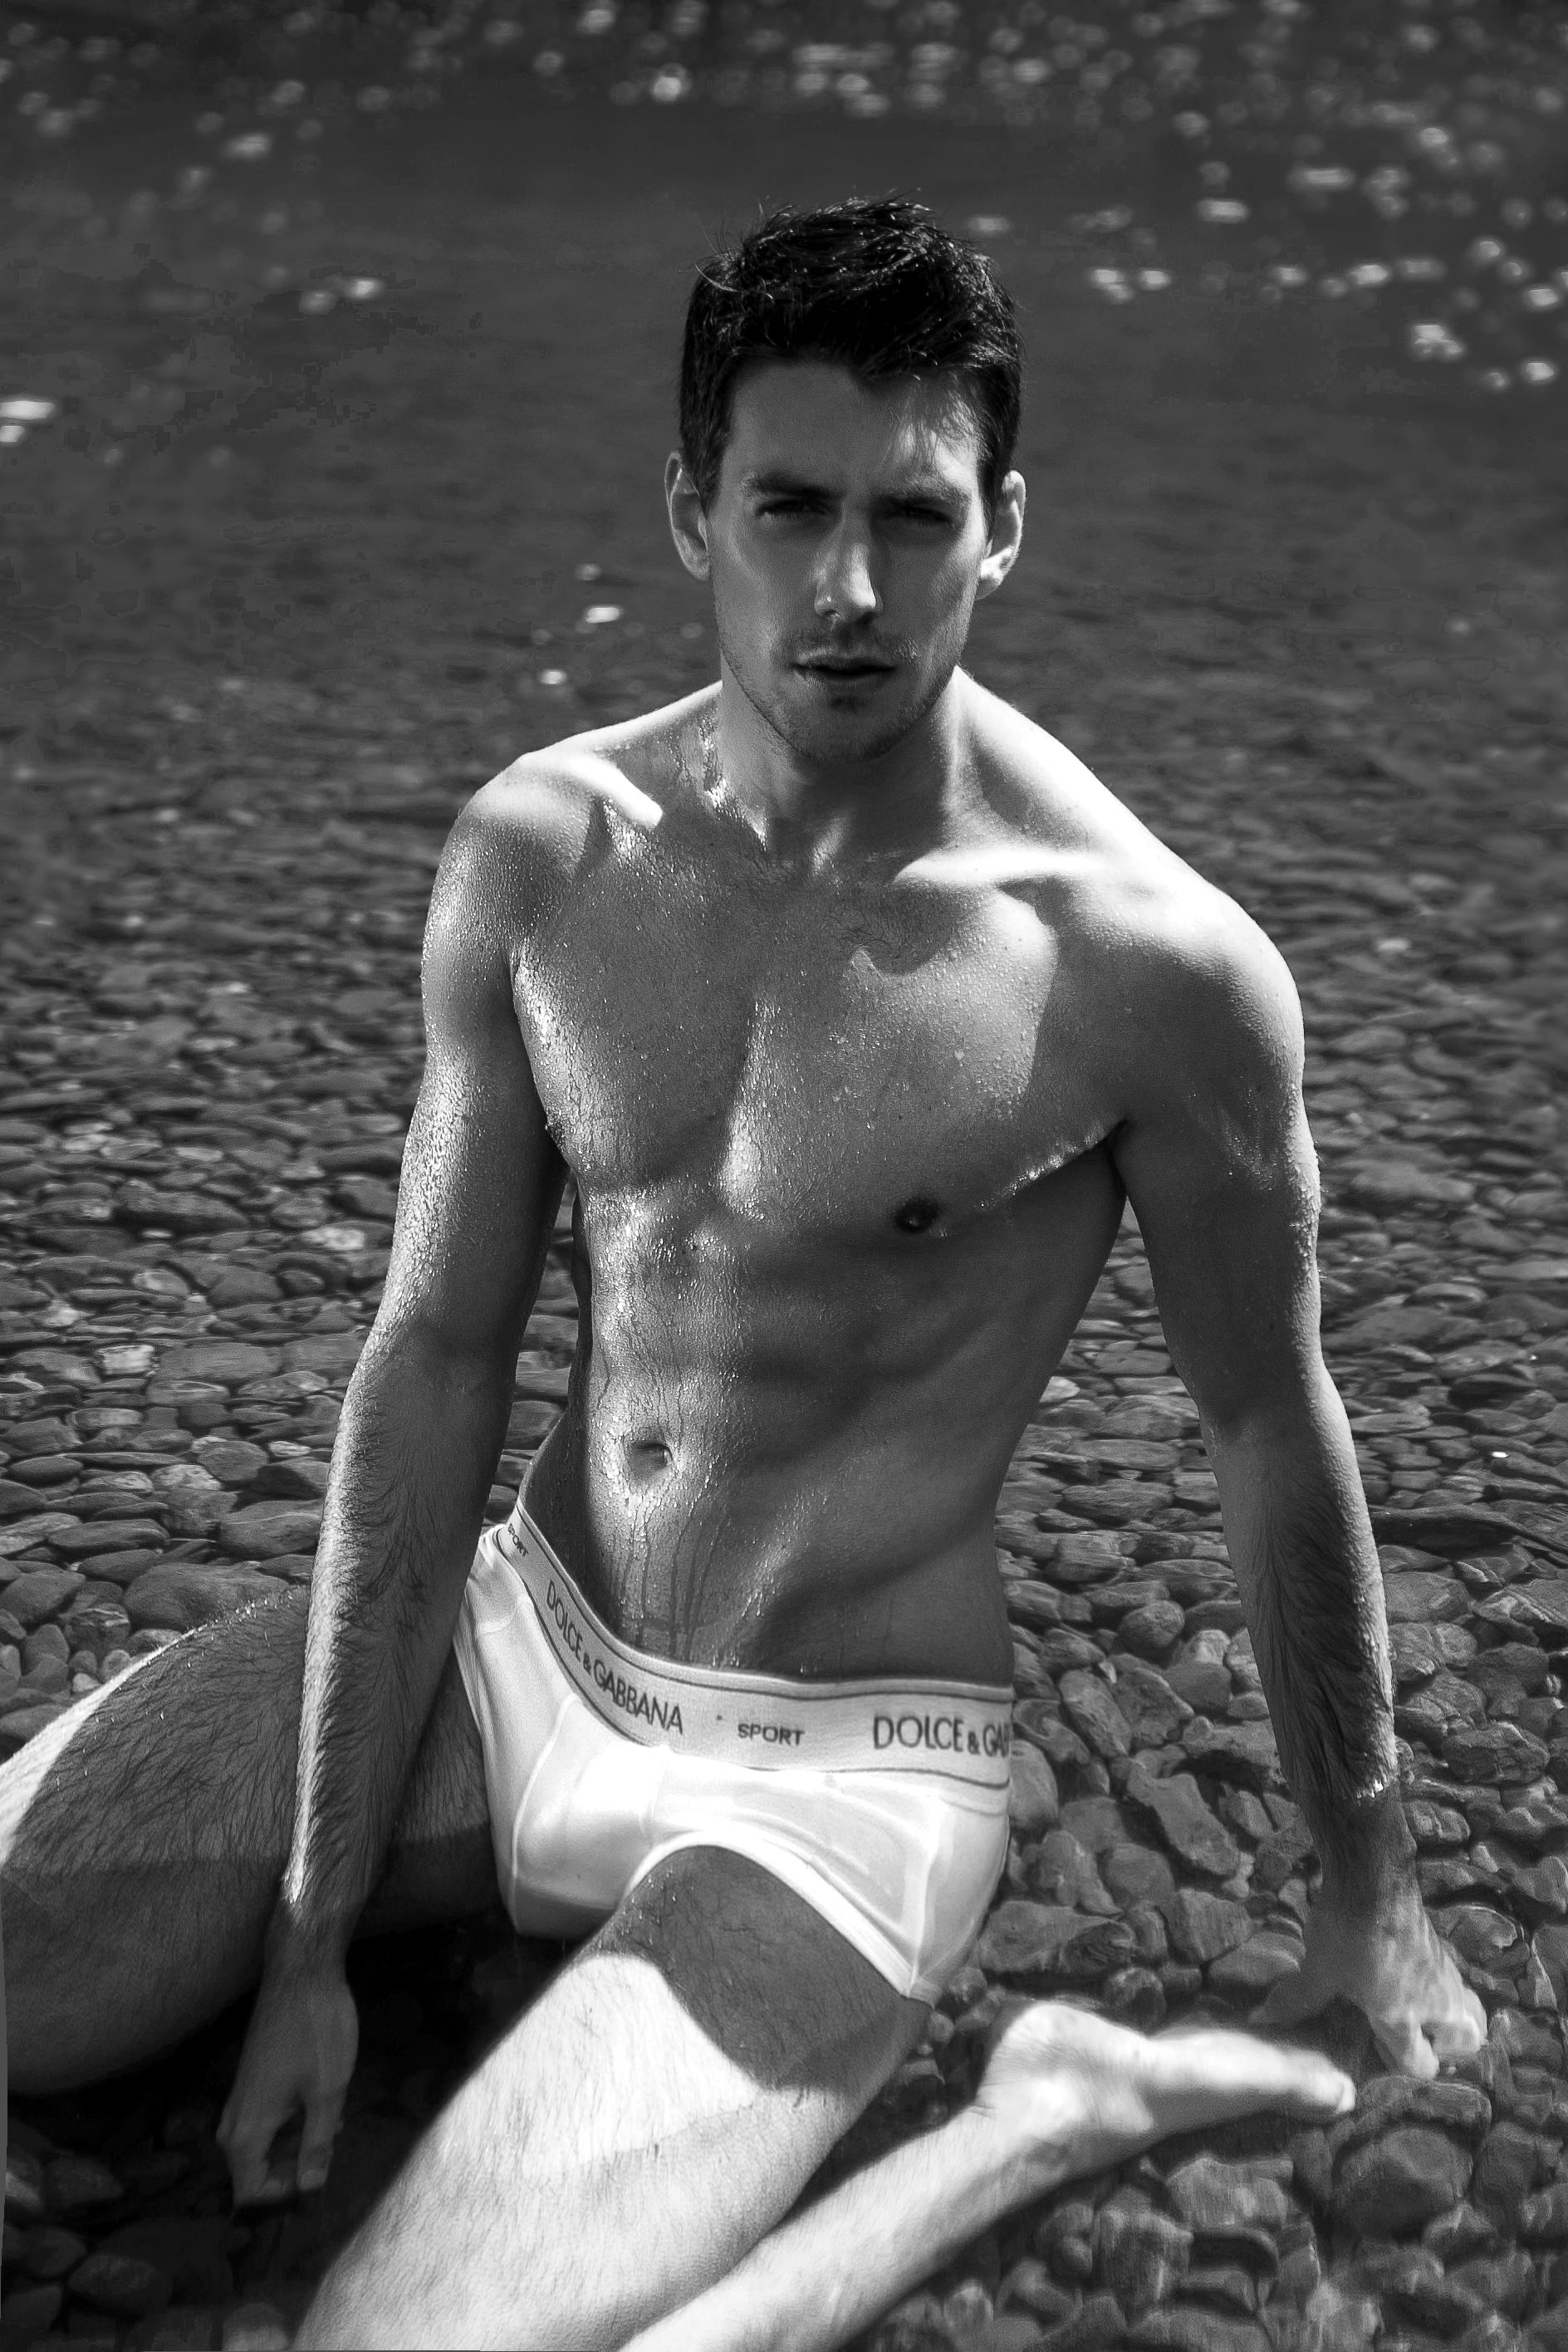 bbbd7f15add6-anthony_lorca_underwear_model_6.jpg